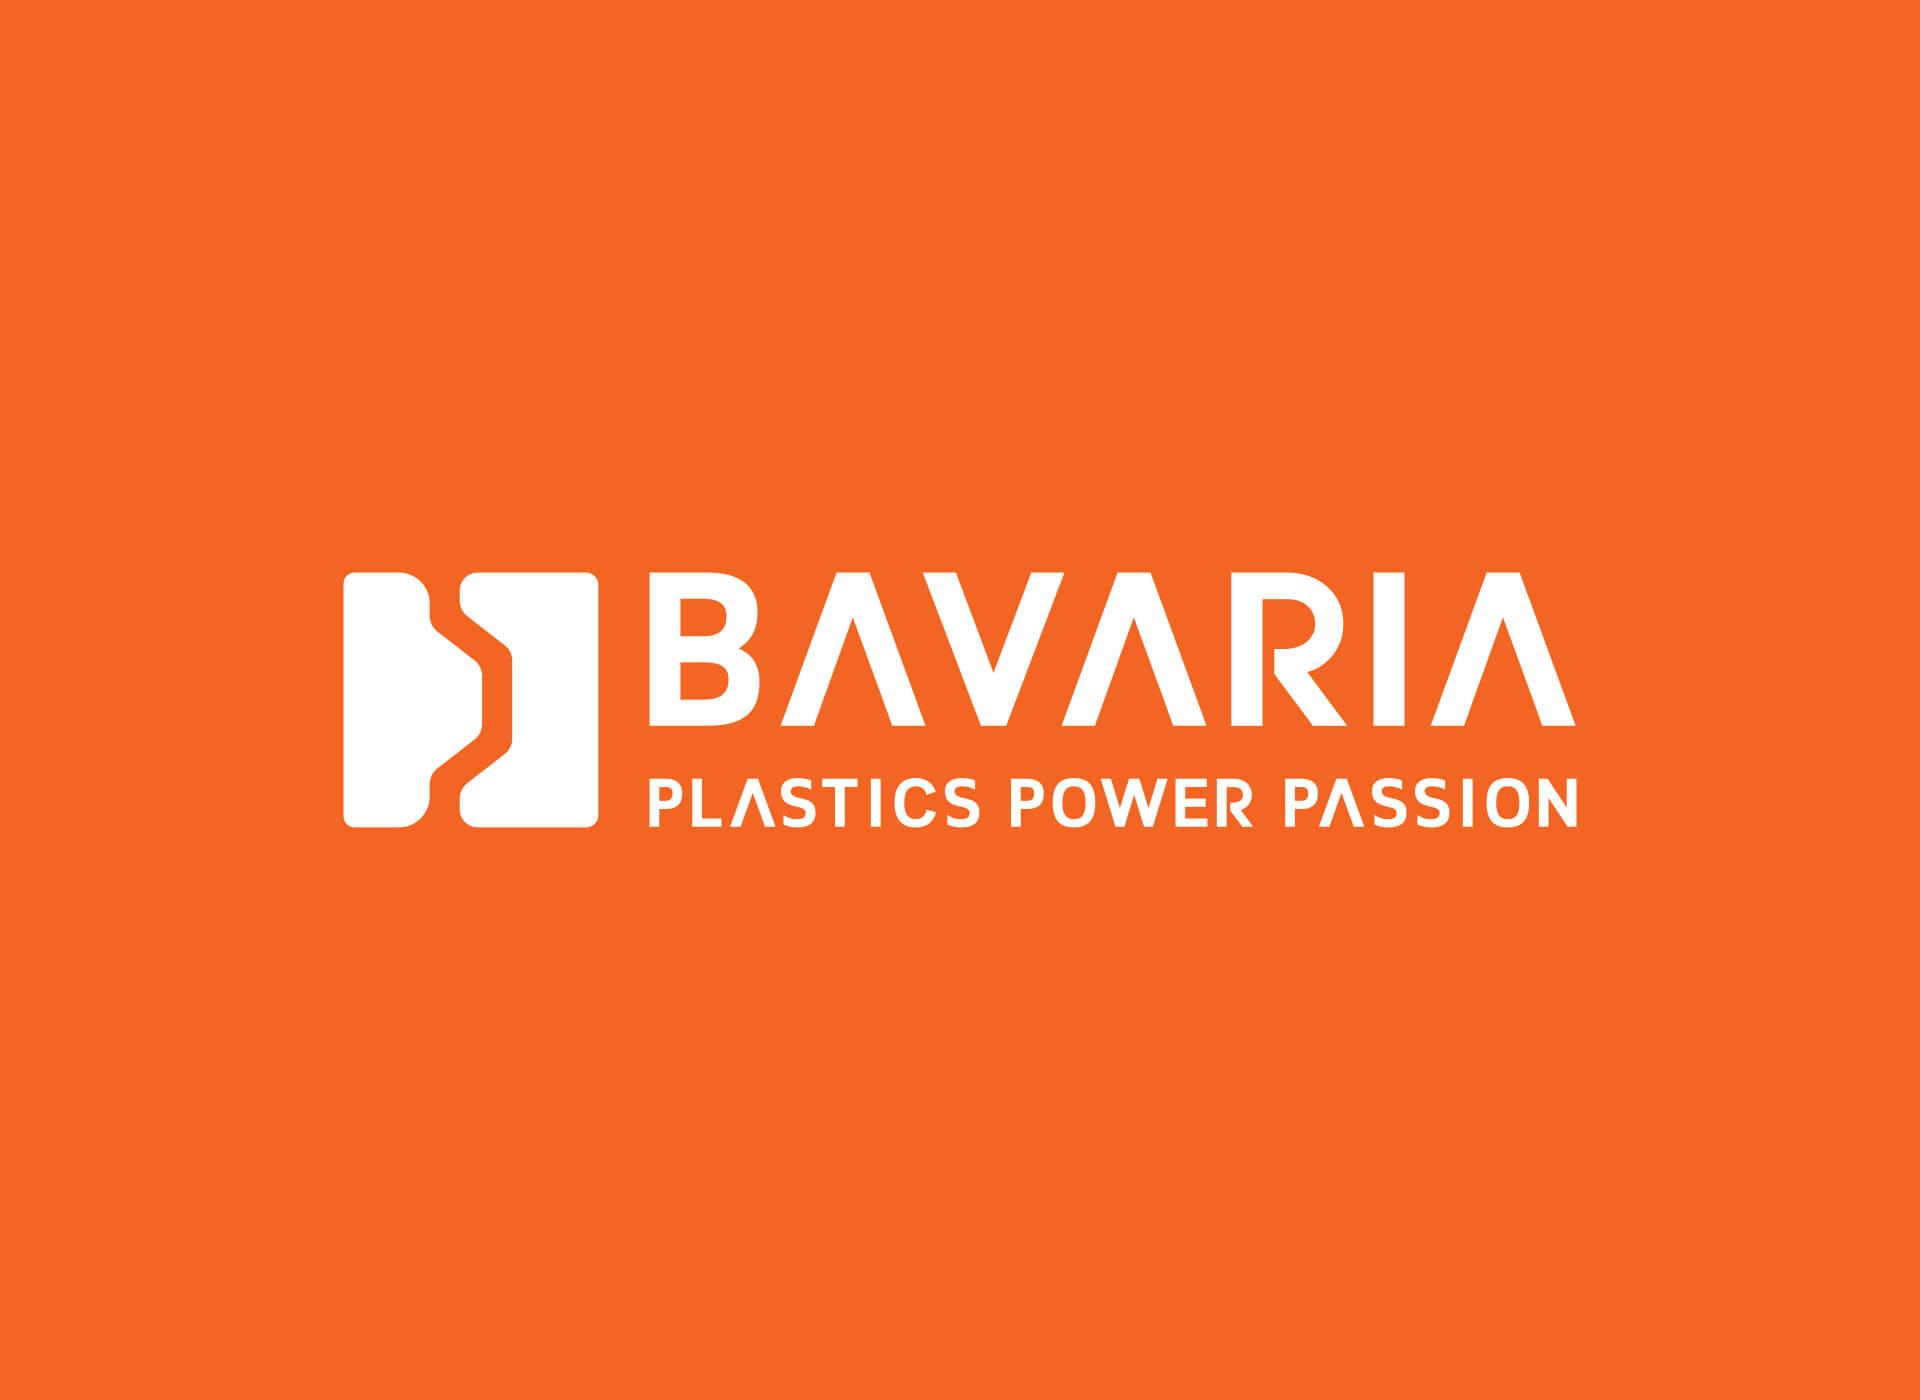 Bavaria Plastics